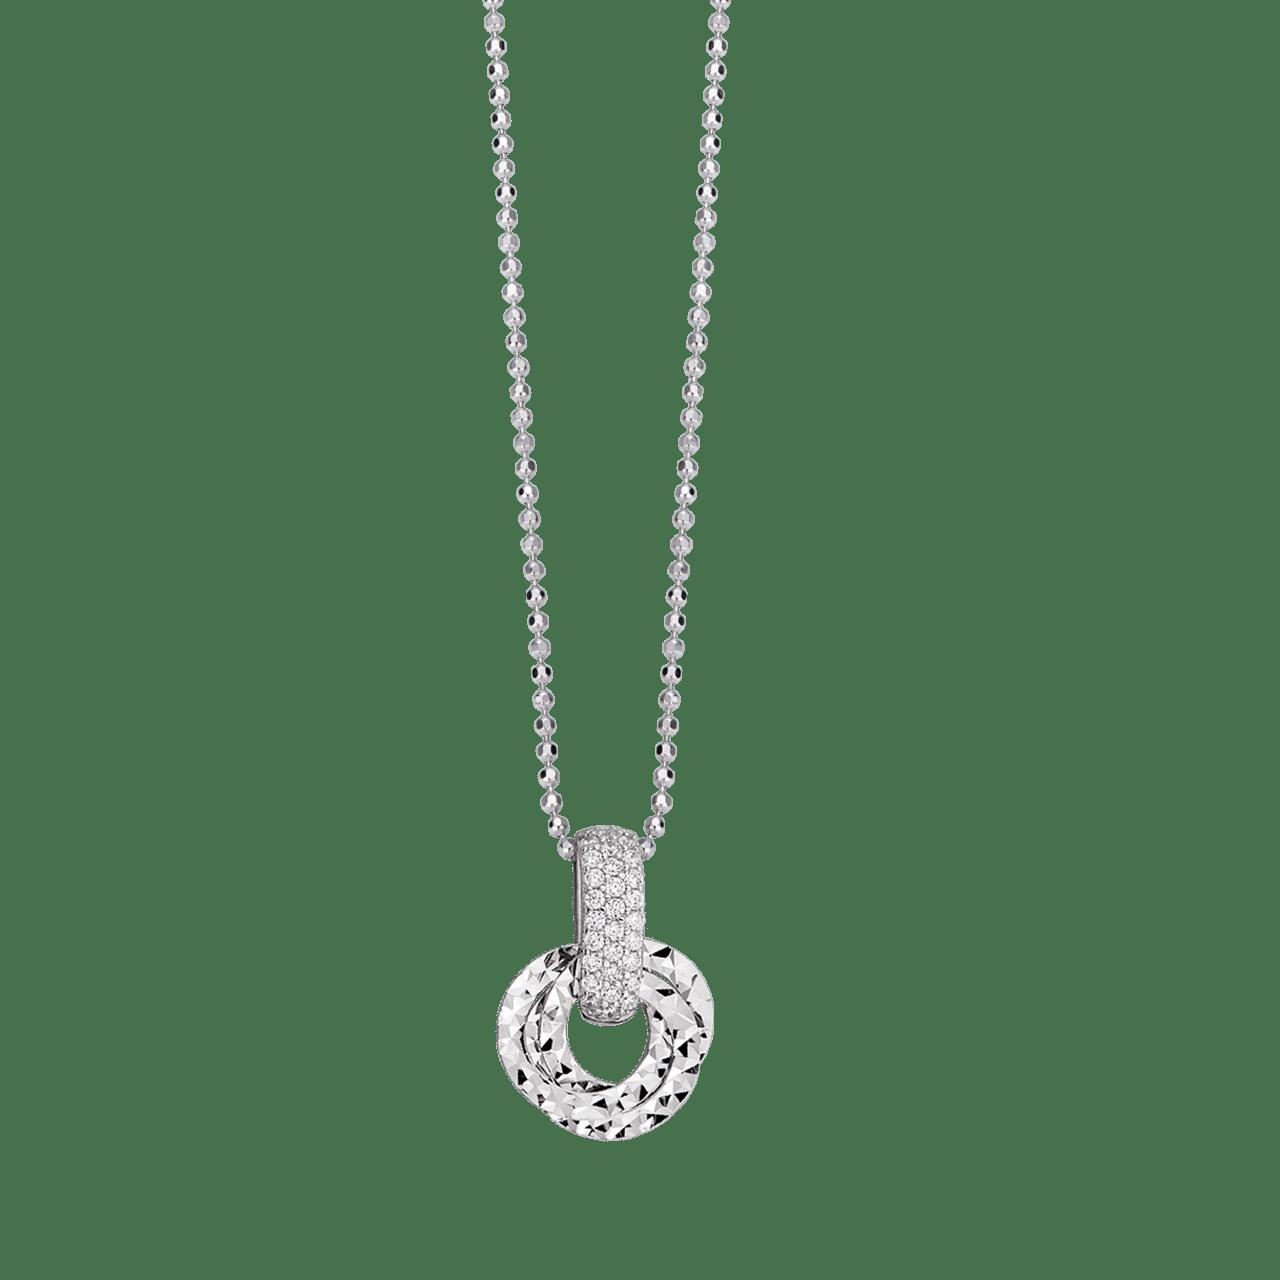 Mặt dây chuyền Vàng trắng Ý 18K đính đá CZ PNJ XM00W000256